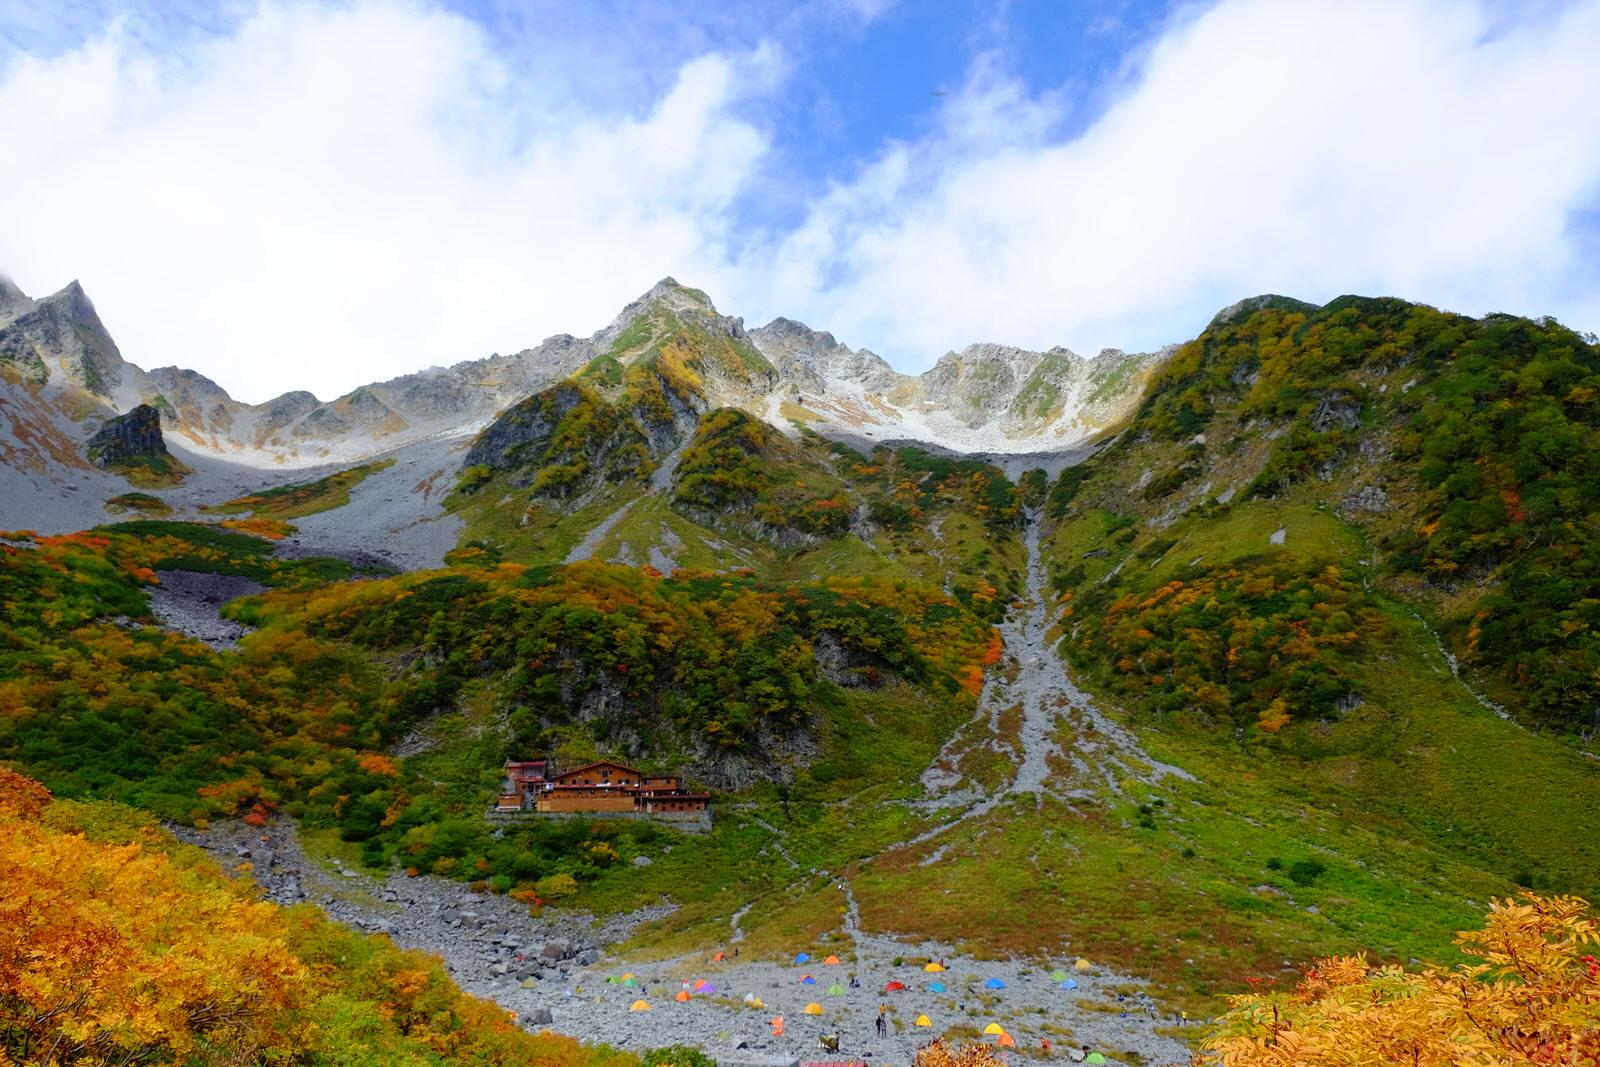 【レビュー】富士フイルムのキットレンズ・XF18-55mmで撮影した山岳写真の紹介